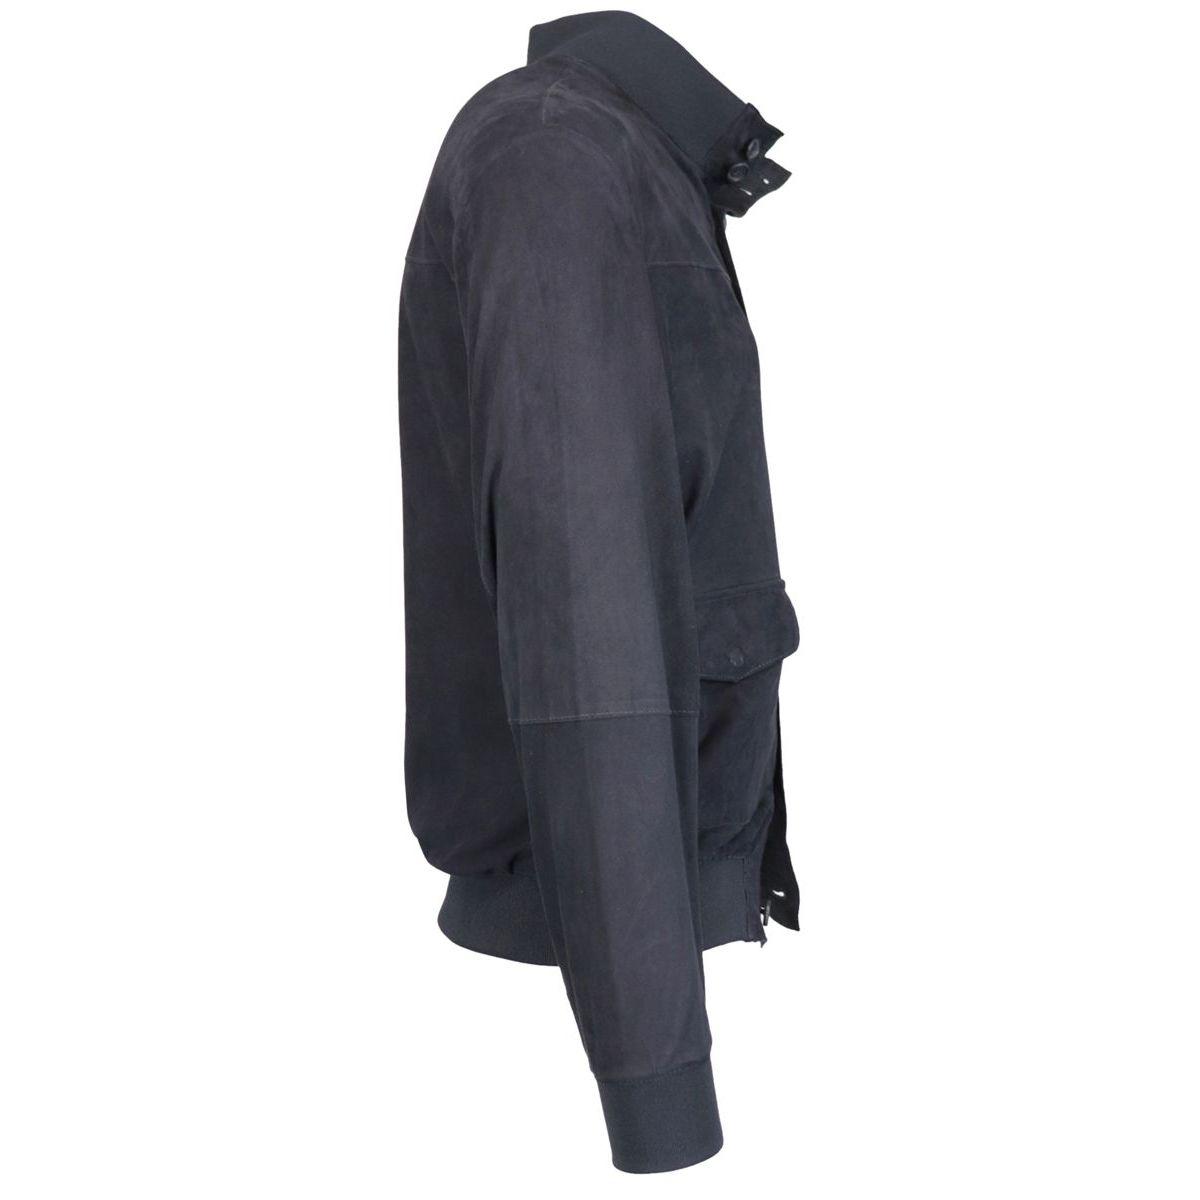 Carlos jacket in suede Ocean Andrea D'amico